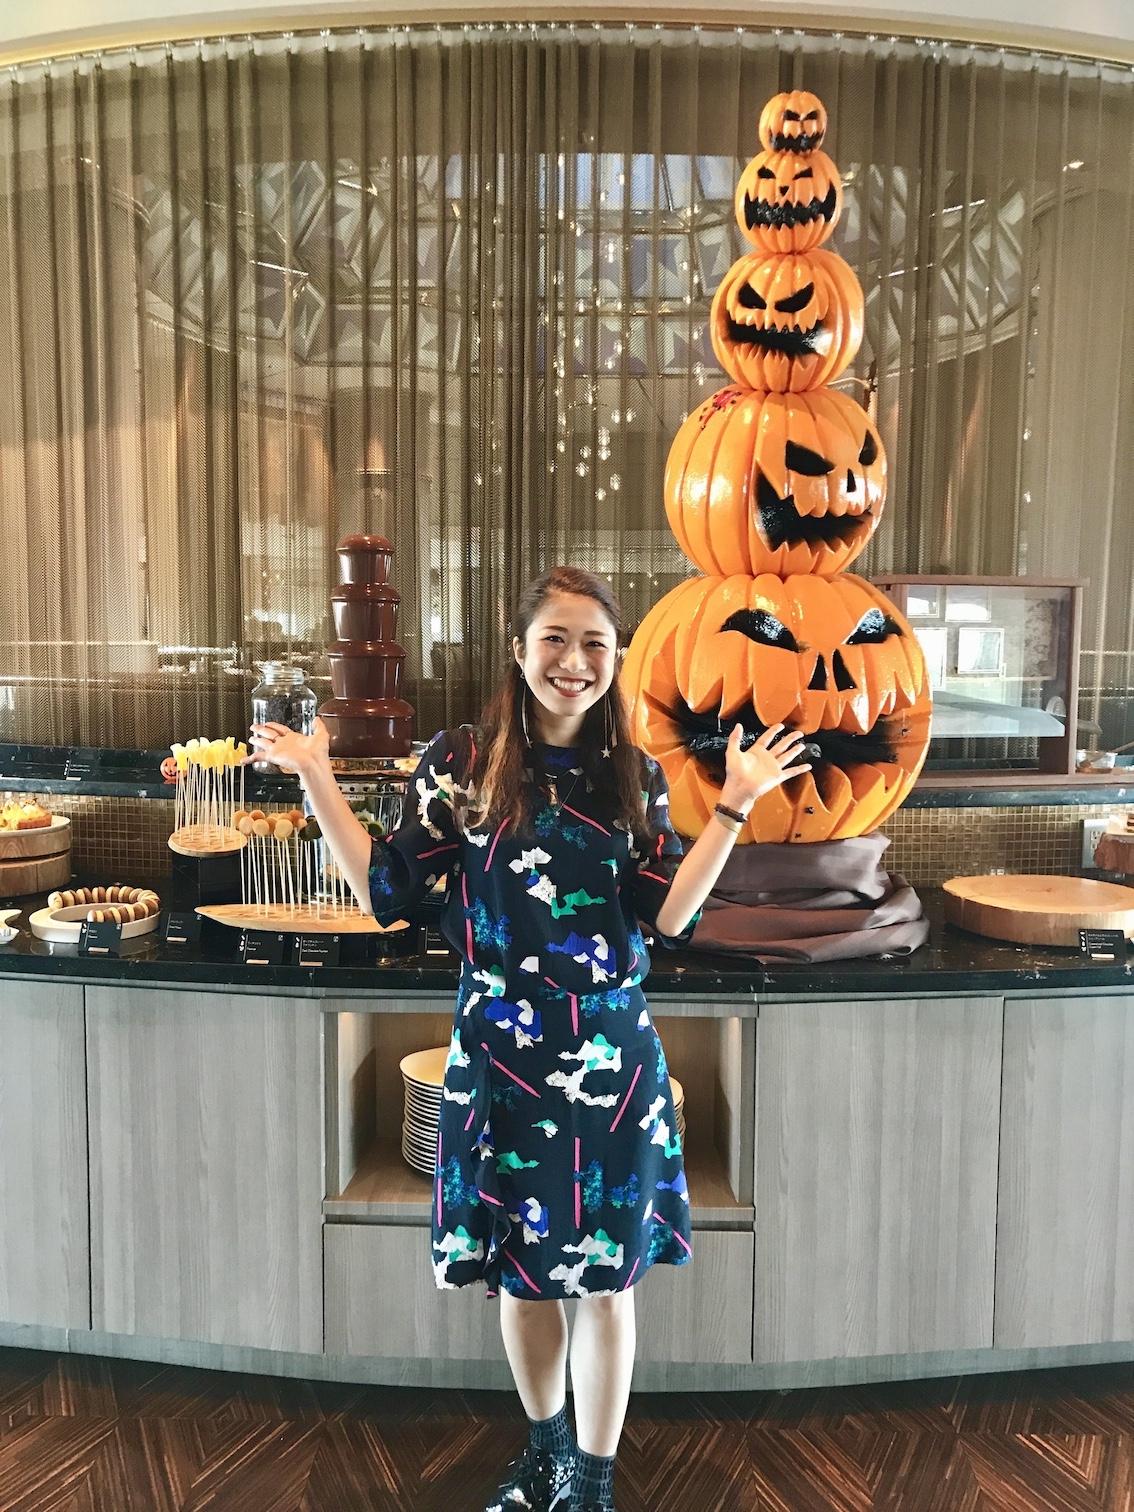 【ハロウィンスイーツブッフェへ出掛けよう!】10/5〜スタート!スイスホテル南海大阪 Swiss Chocoholic Halloween Buffet レセプションに行ってきました。【大阪 難波 なんば】_1